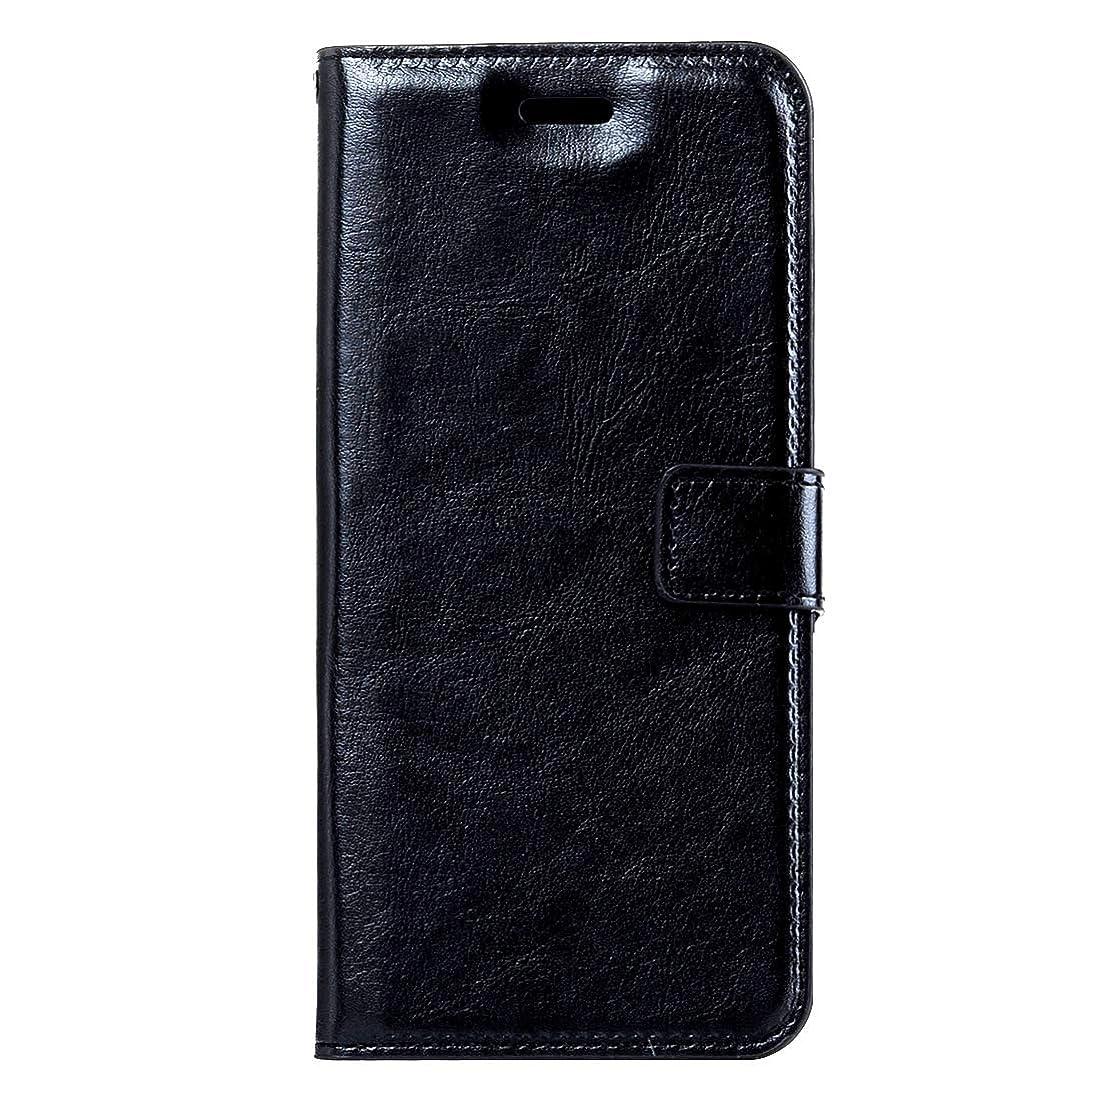 カップ時間ダンプLG K10クレイジーホーステクスチャ用磁気バックル、ホルダー、カードスロット、ウォレット、フォトフレーム付きブラックフリップレザーケース(ブラック) Yikaja (色 : Black)